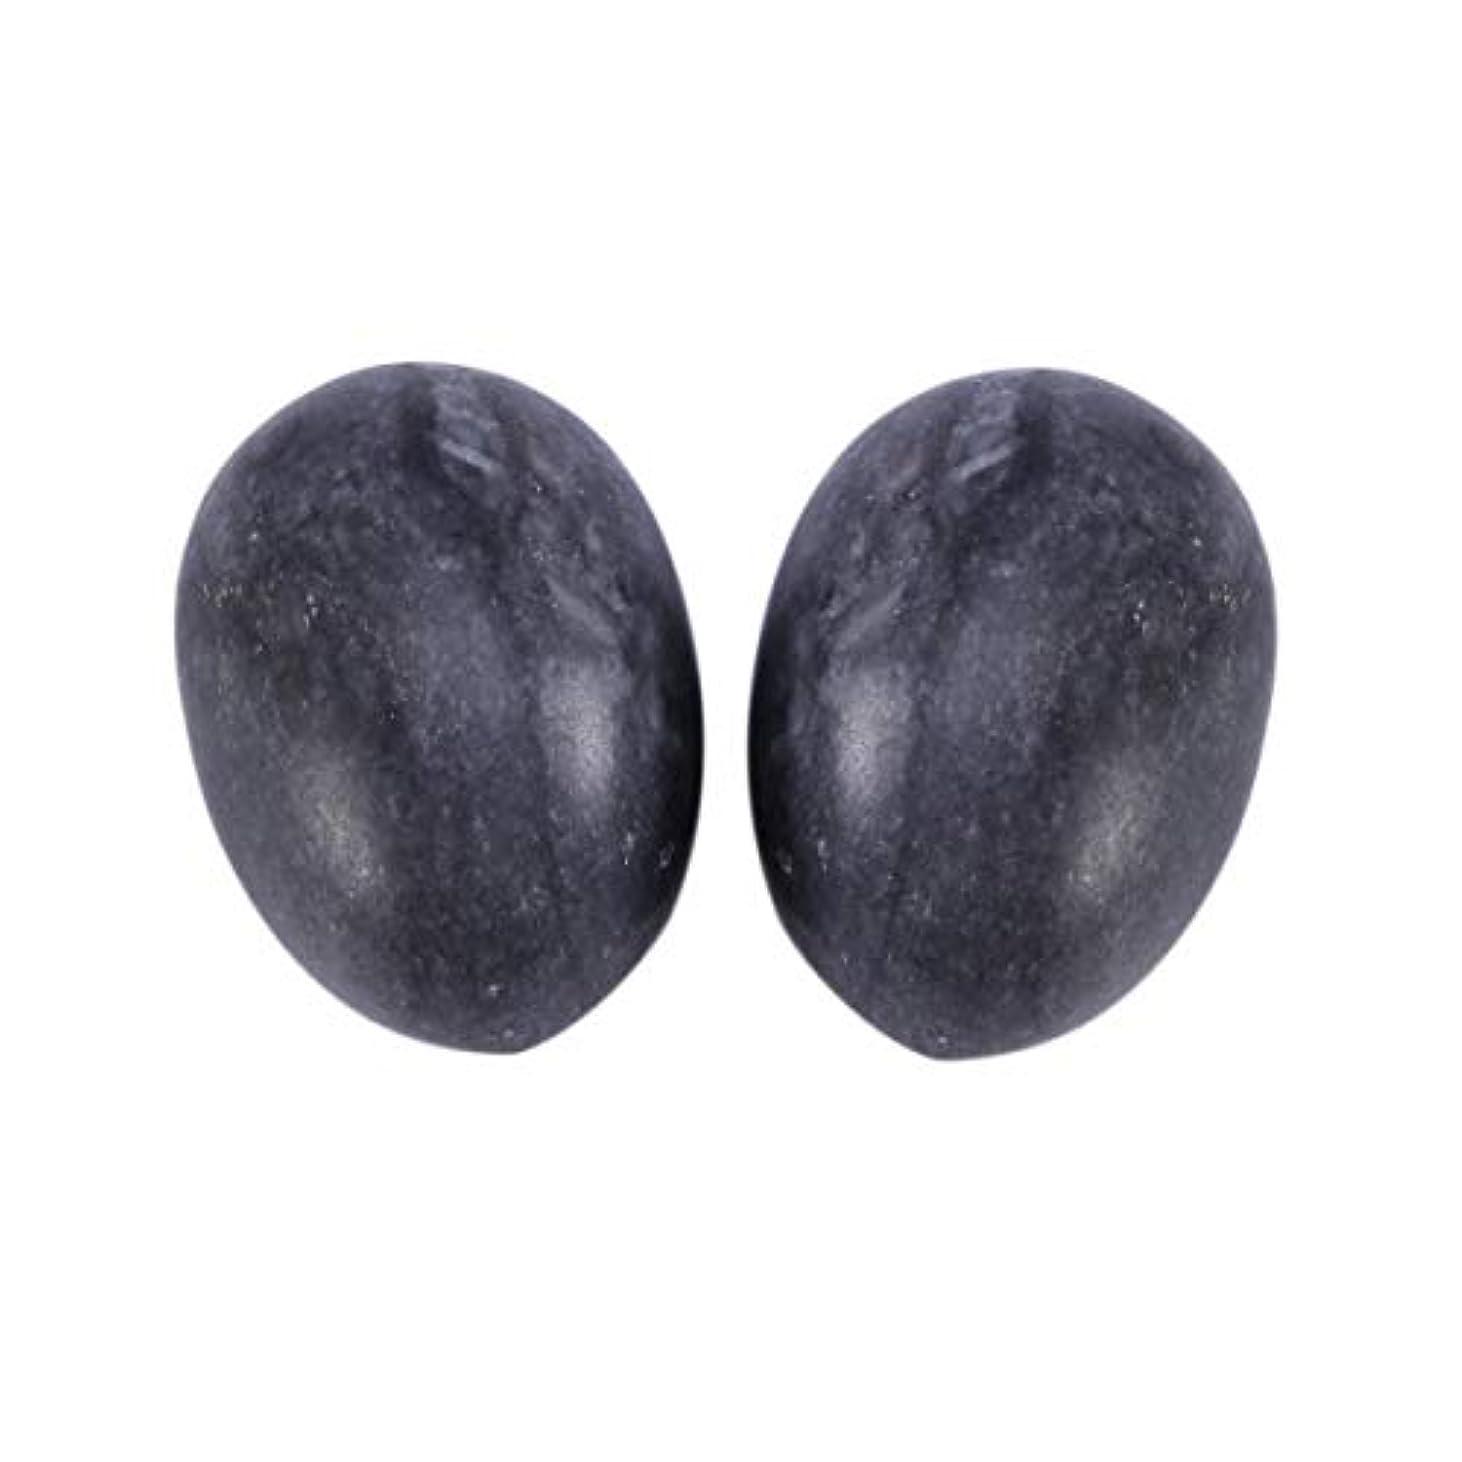 共和国カップルシングルHealifty 6PCS翡翠Yoni卵マッサージ癒しの石のケゲル運動骨盤底筋運動(黒)